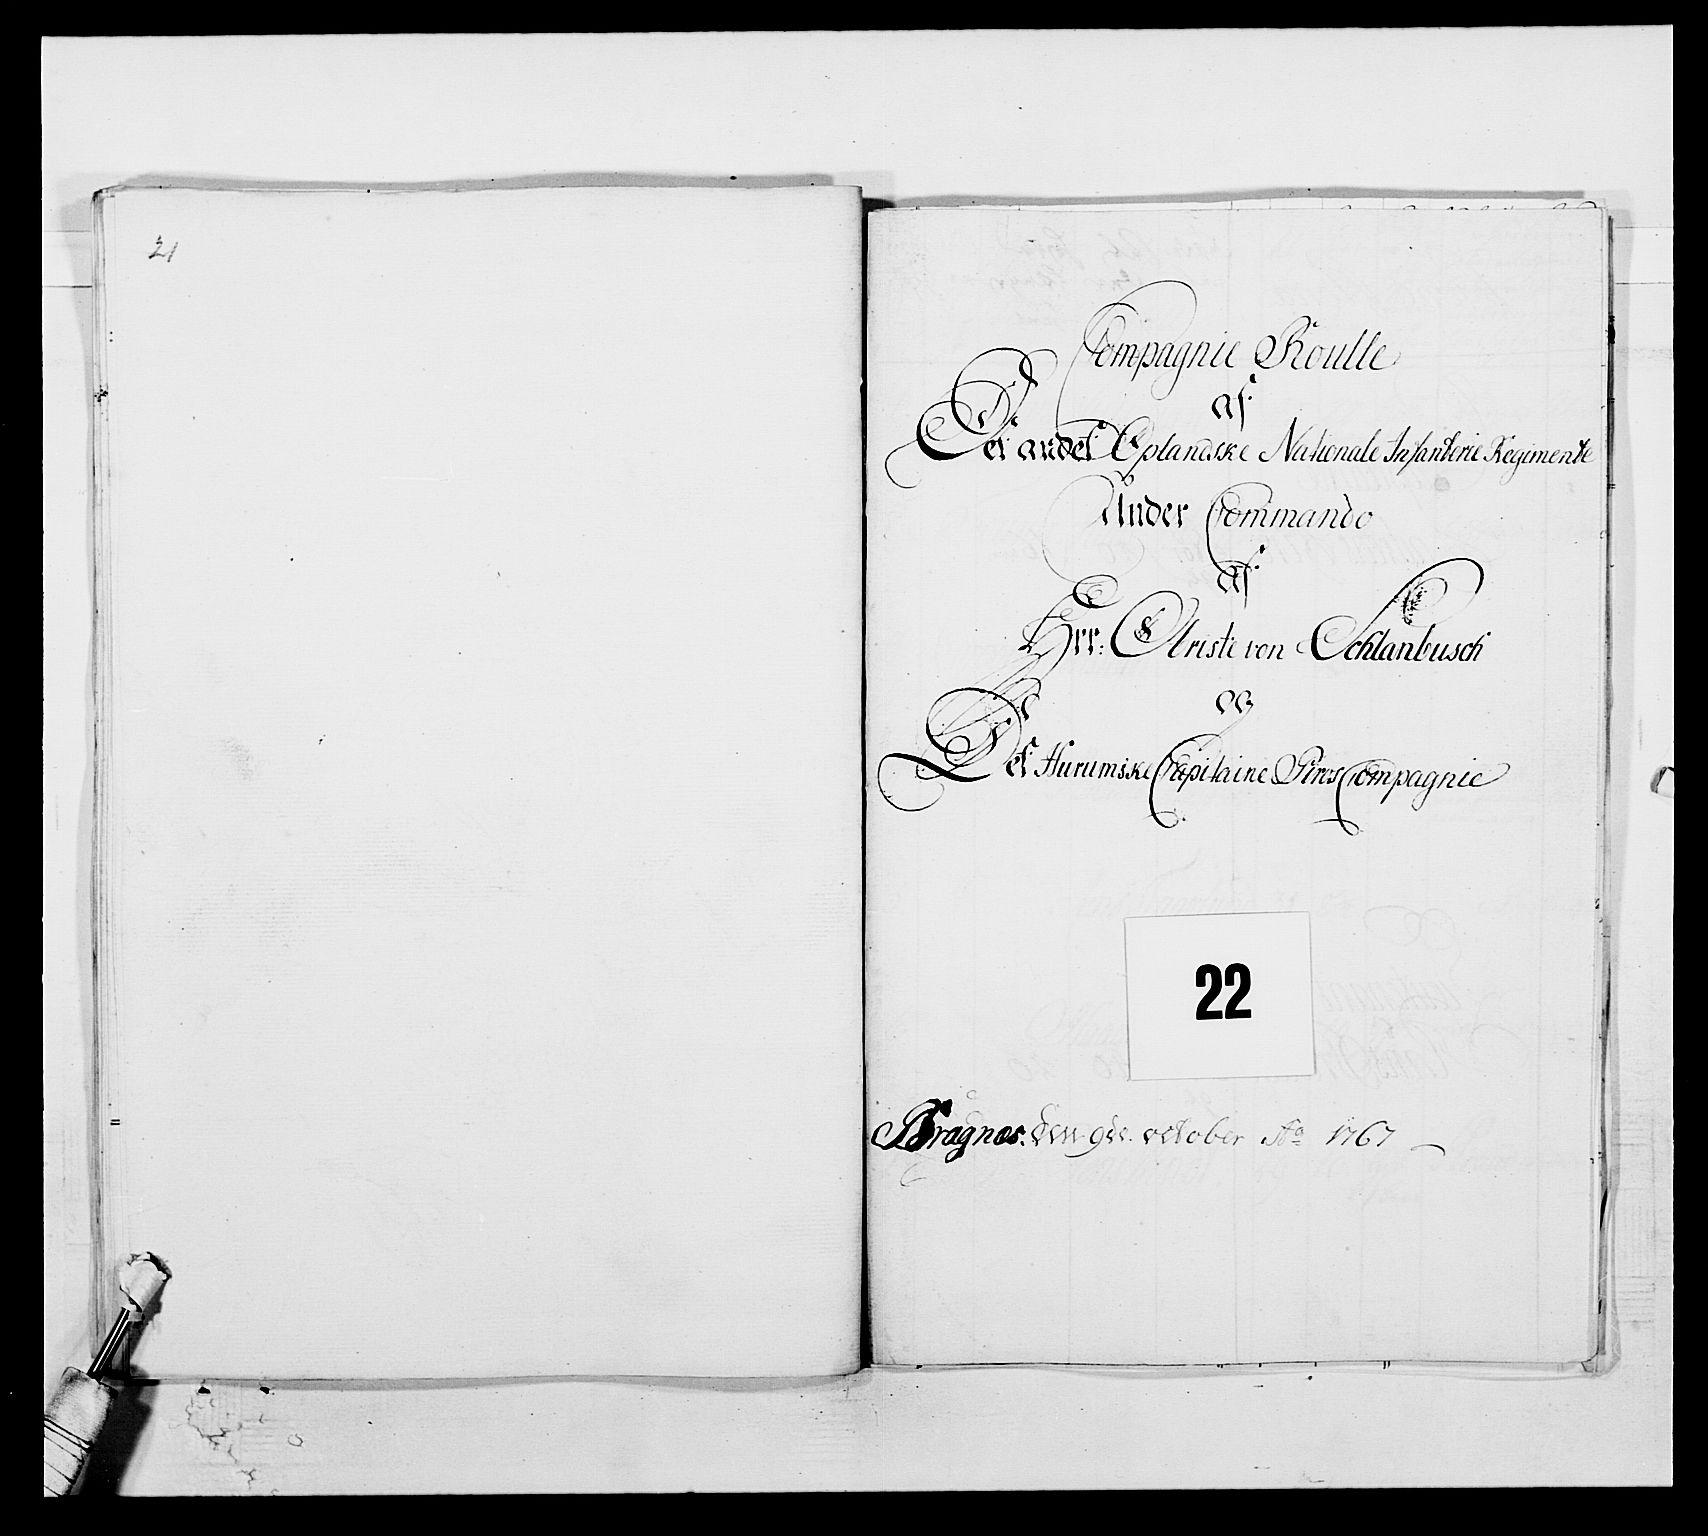 RA, Kommanderende general (KG I) med Det norske krigsdirektorium, E/Ea/L0507: 2. Opplandske regiment, 1766-1767, s. 488